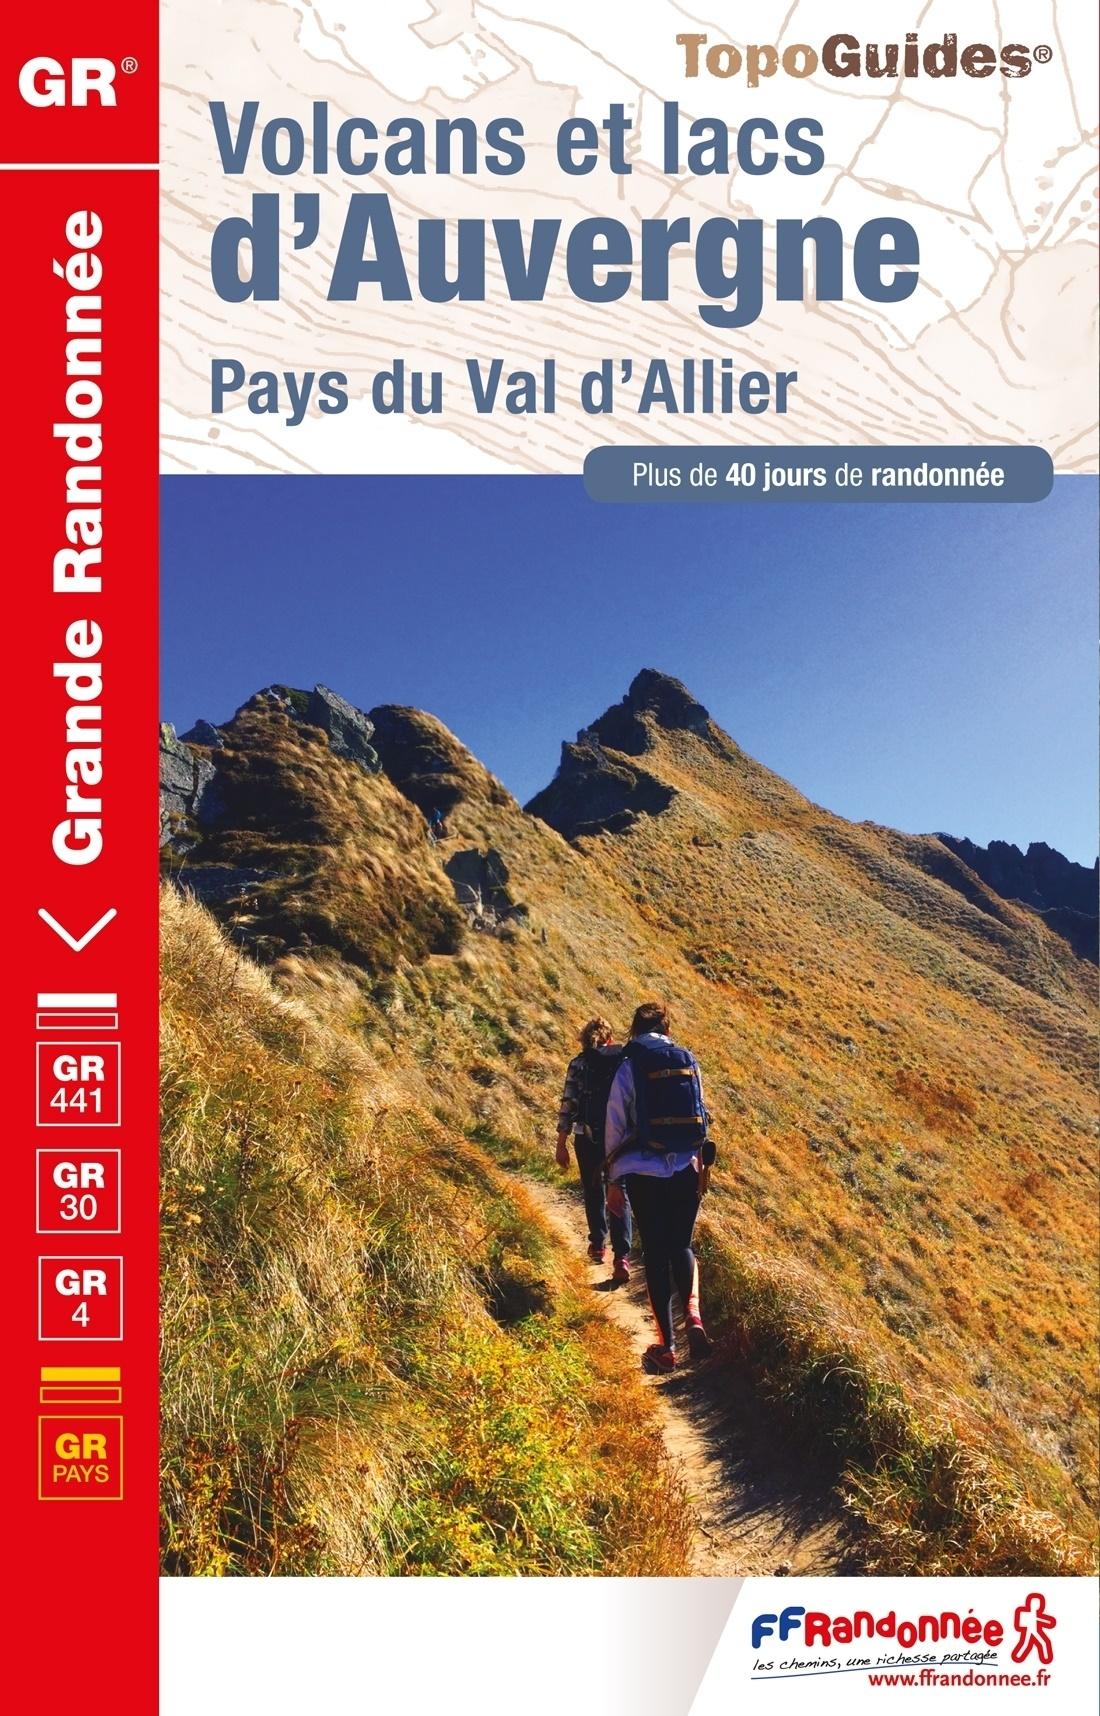 TG-304  Volcans et Lacs   | wandelgids GR-441/GR-30 9782751410109  FFRP topoguides à grande randonnée  Meerdaagse wandelroutes, Wandelgidsen Auvergne